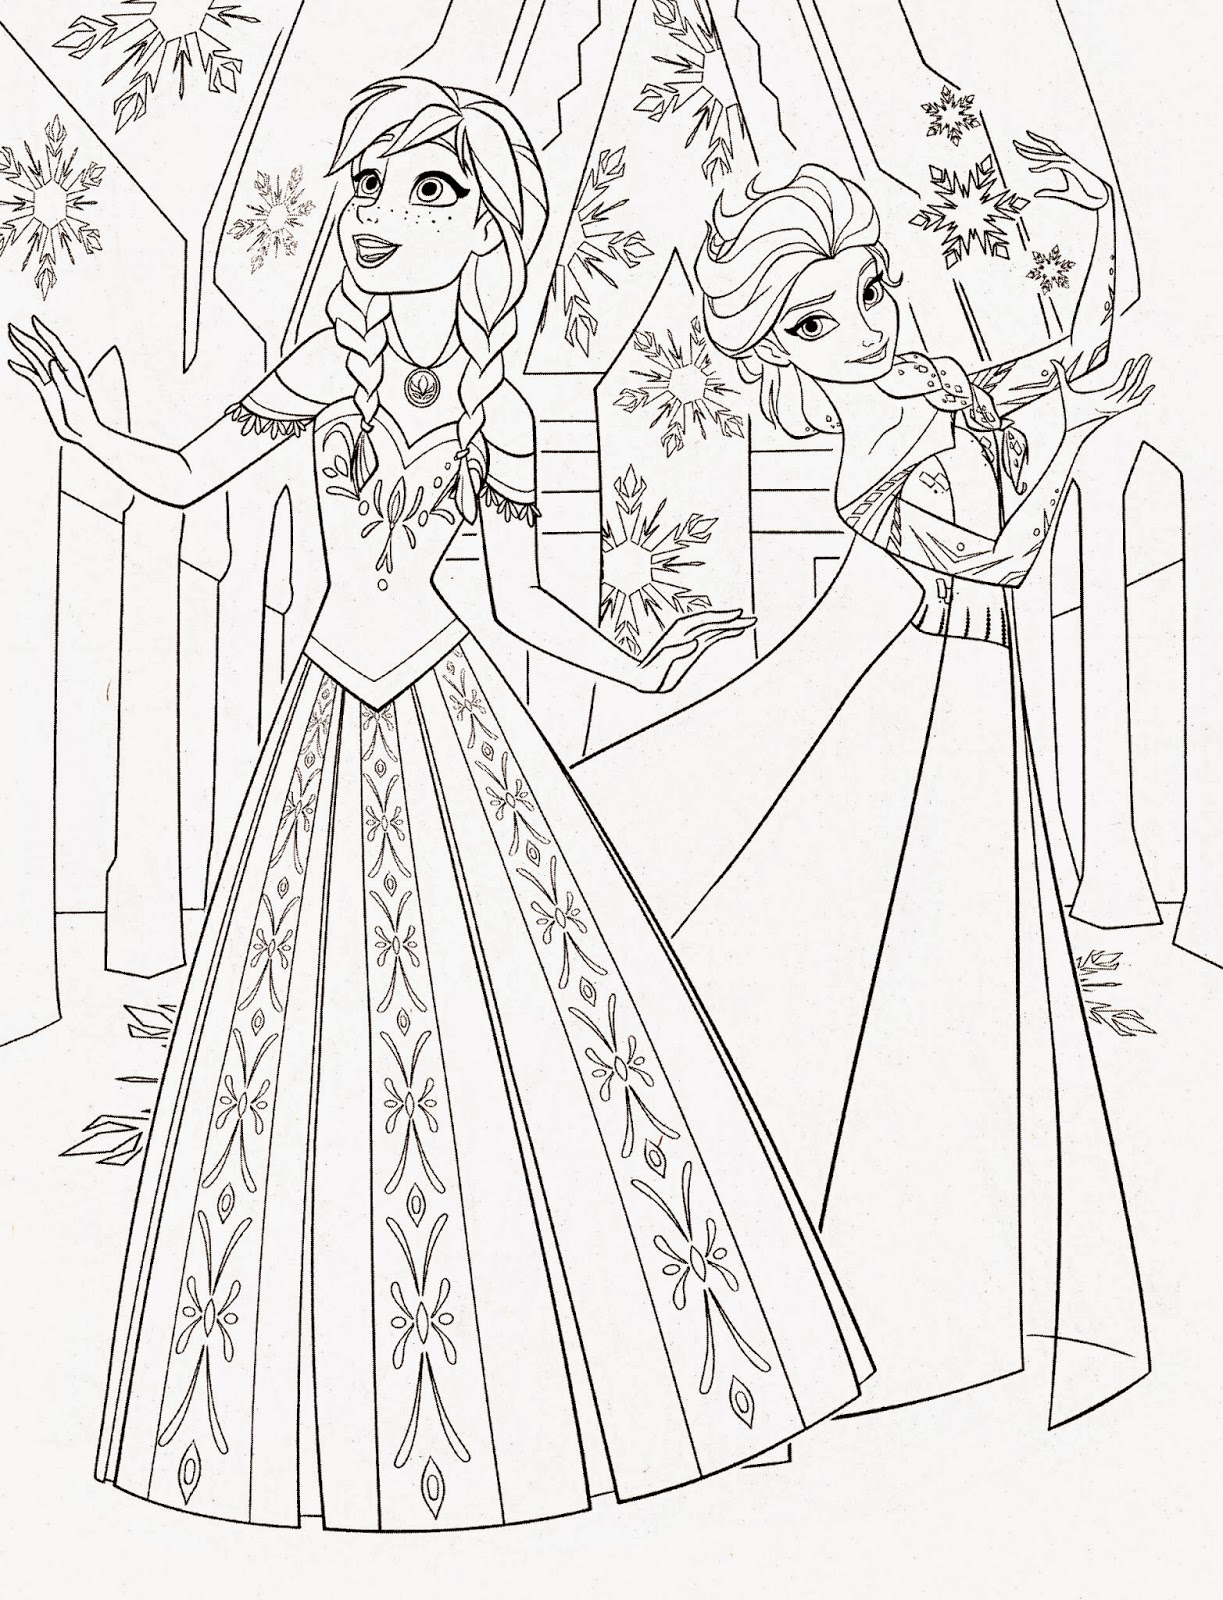 - Princess Elsa Frozen Coloring Pages. Disney Frozen Princess Anna